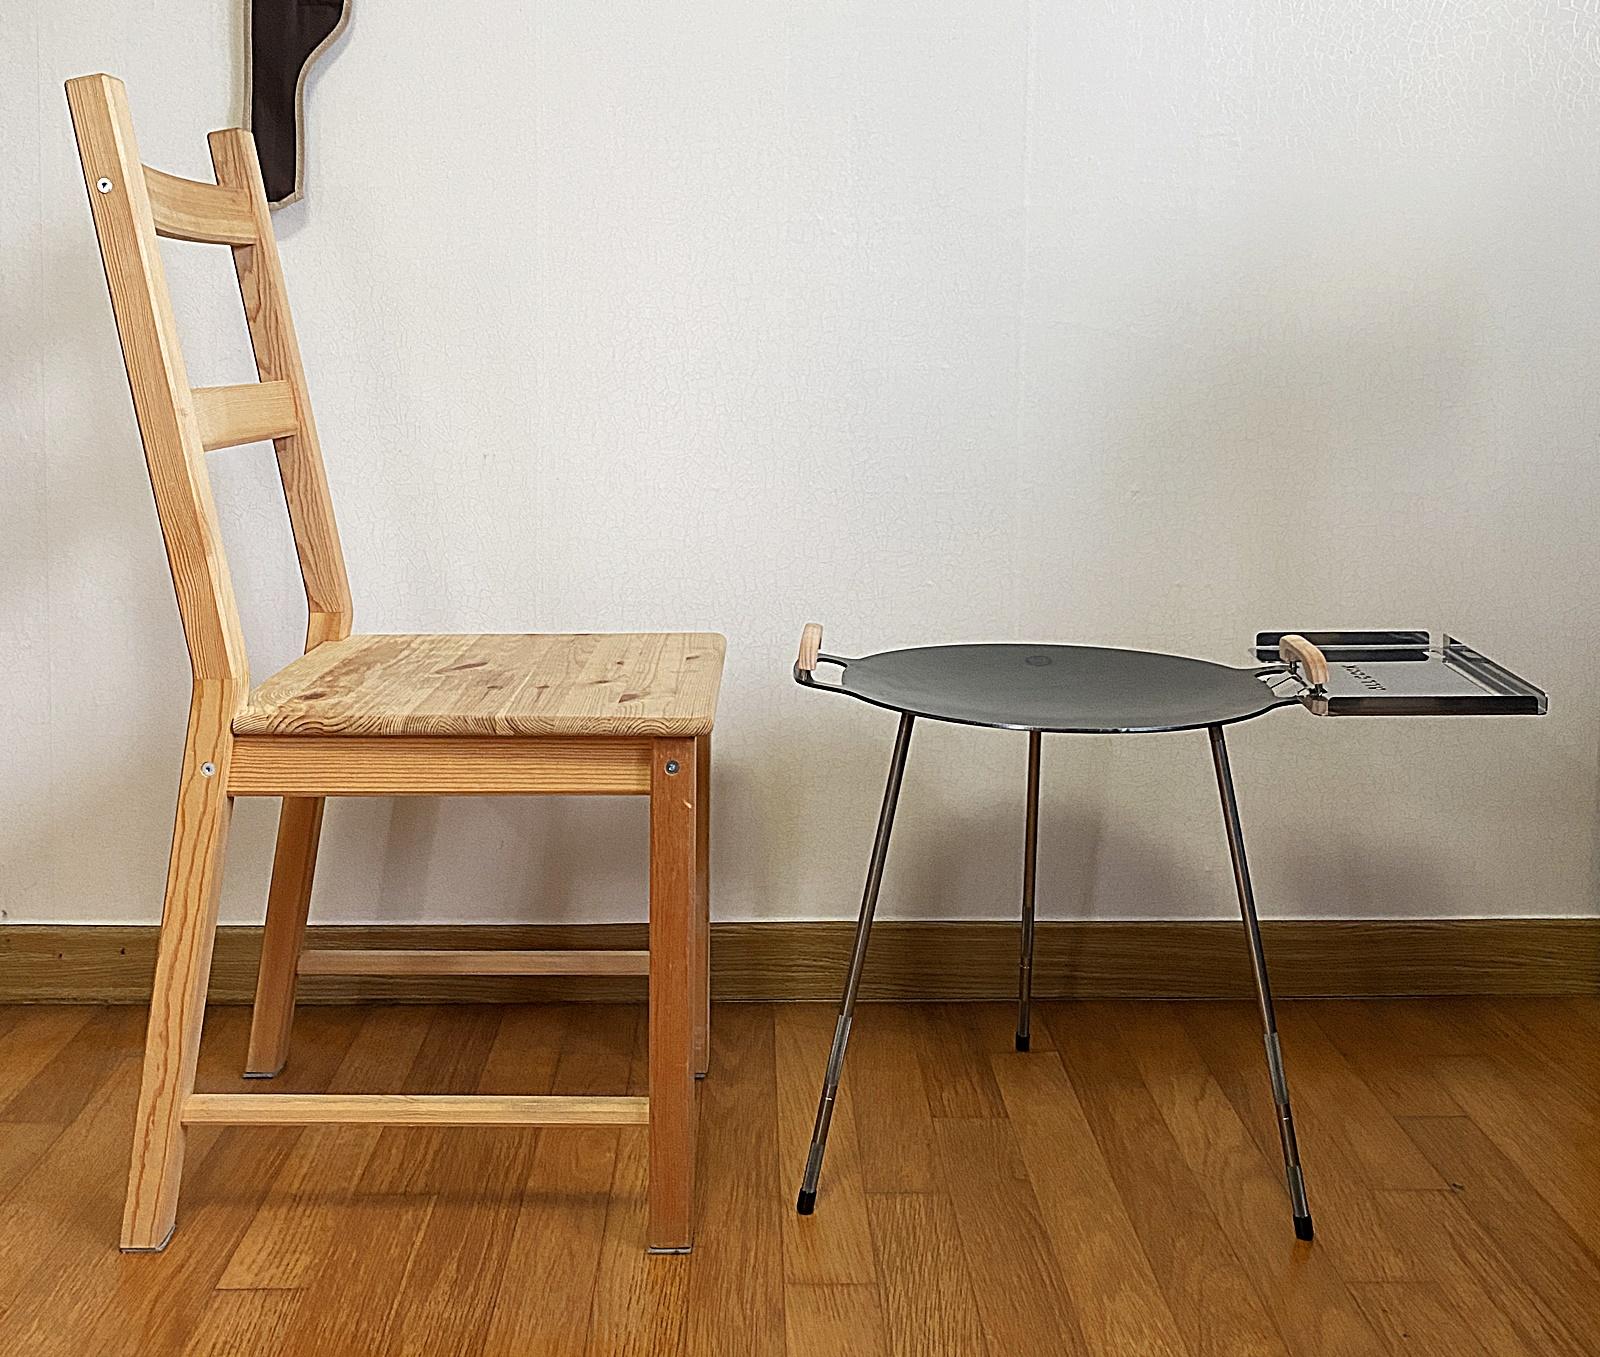 그리들 높이 의자 비교